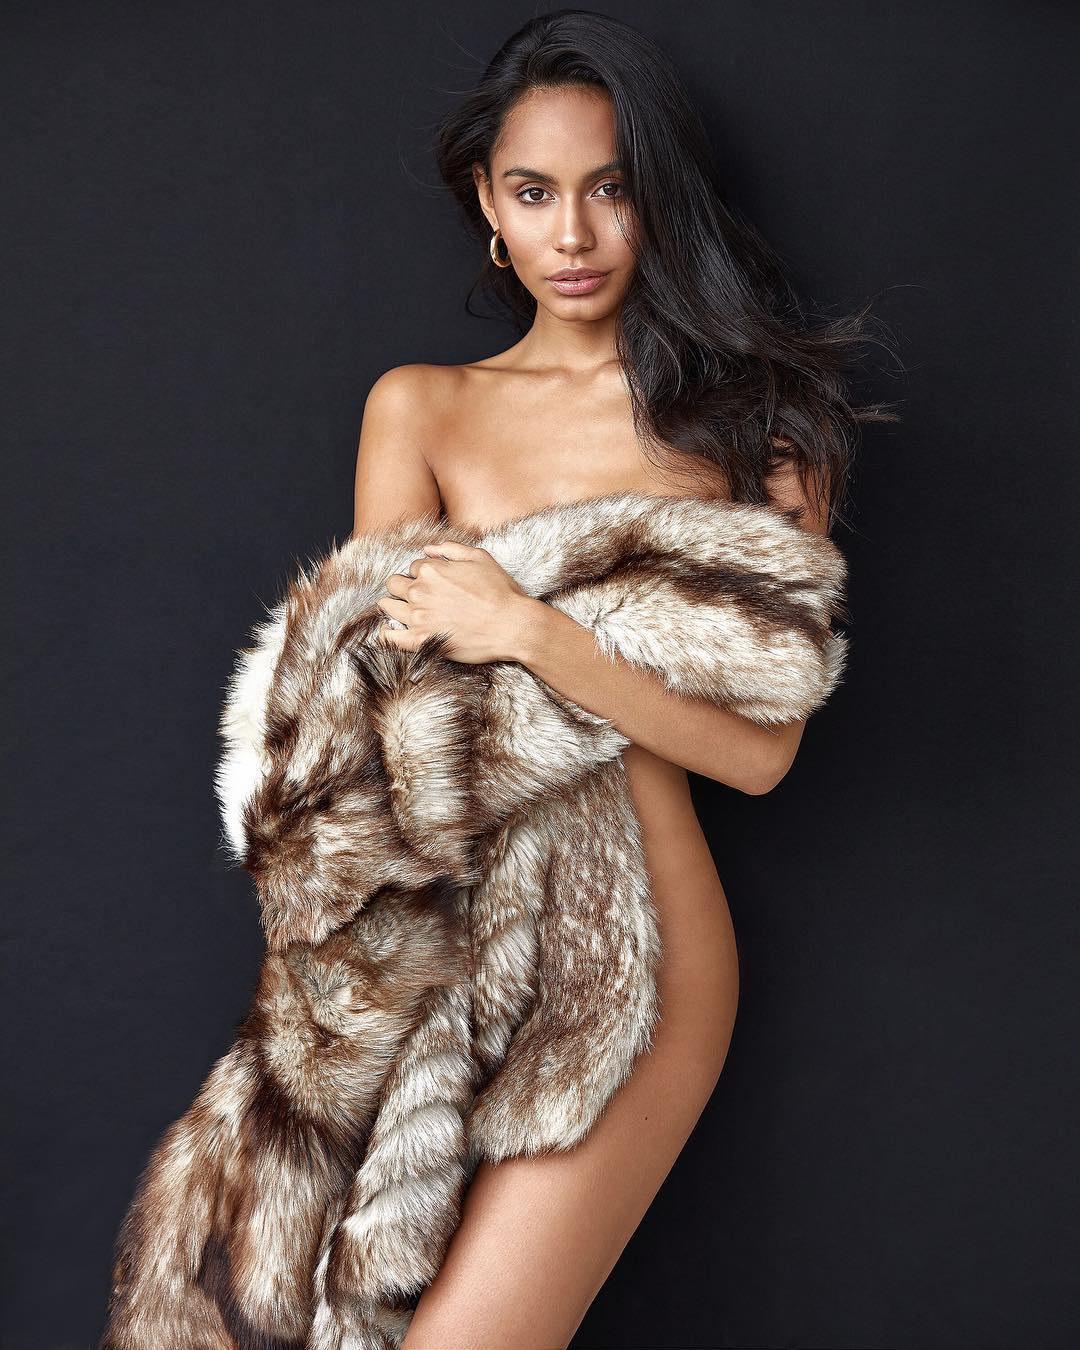 Model Rose